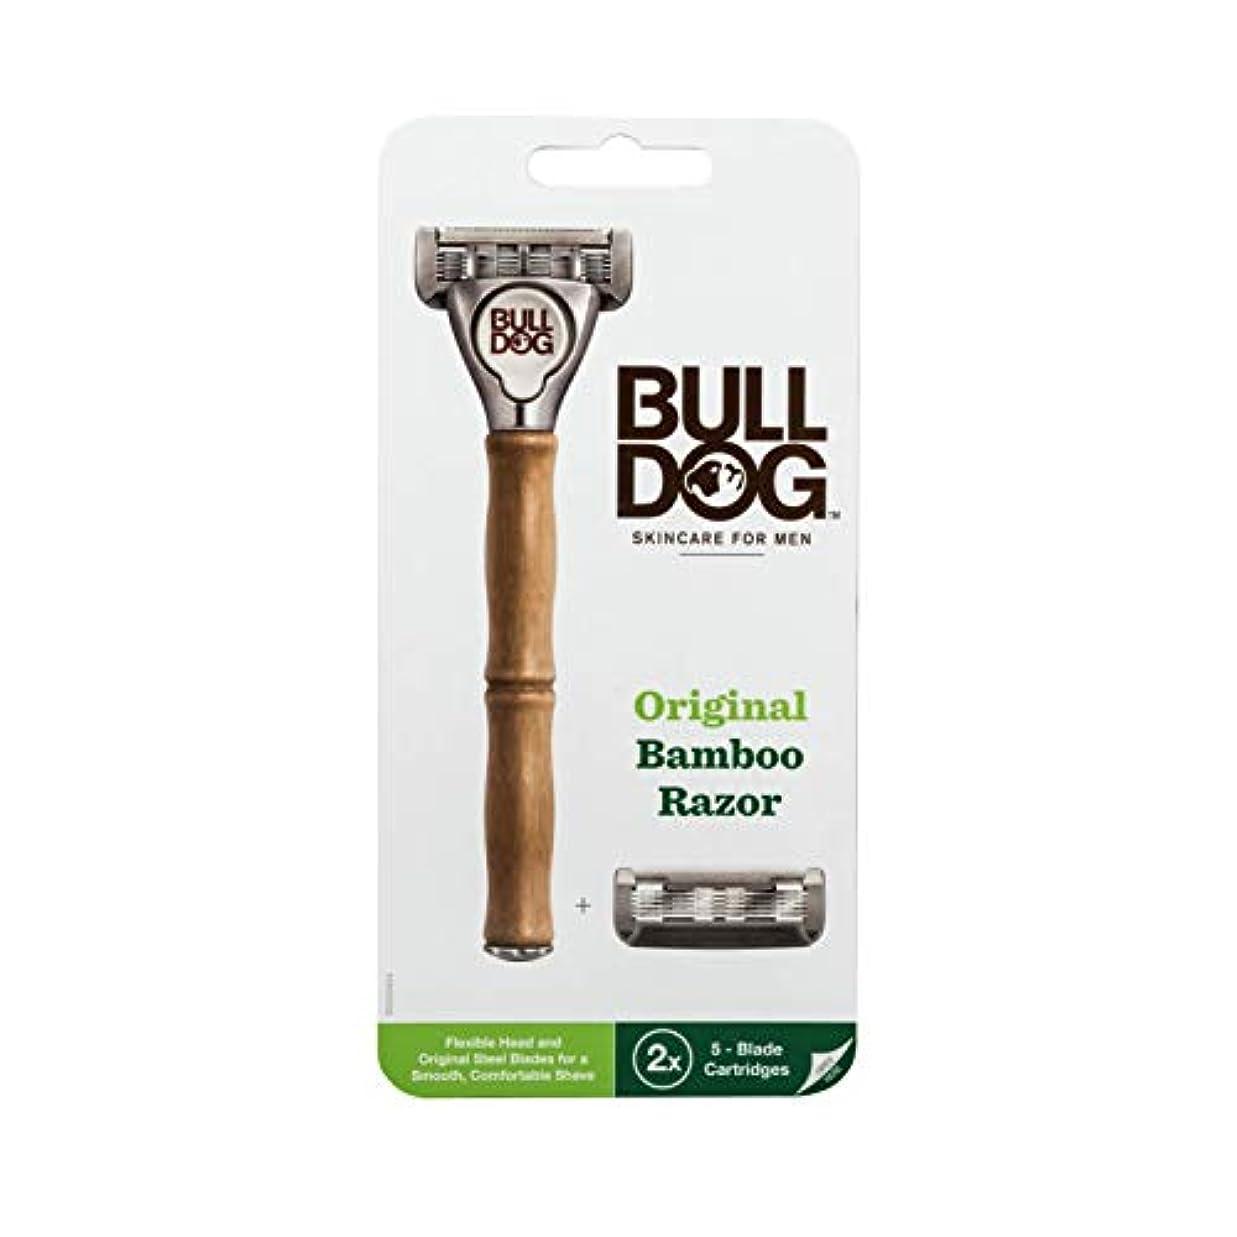 パック驚くべき表現Bulldog(ブルドッグ) ブルドッグ Bulldog 5枚刃 オリジナルバンブーホルダー 水に強い竹製ハンドル 替刃 2コ付 男性カミソリ ホルダー(1本)、替刃2コ付き(内1コ本体装着済み)